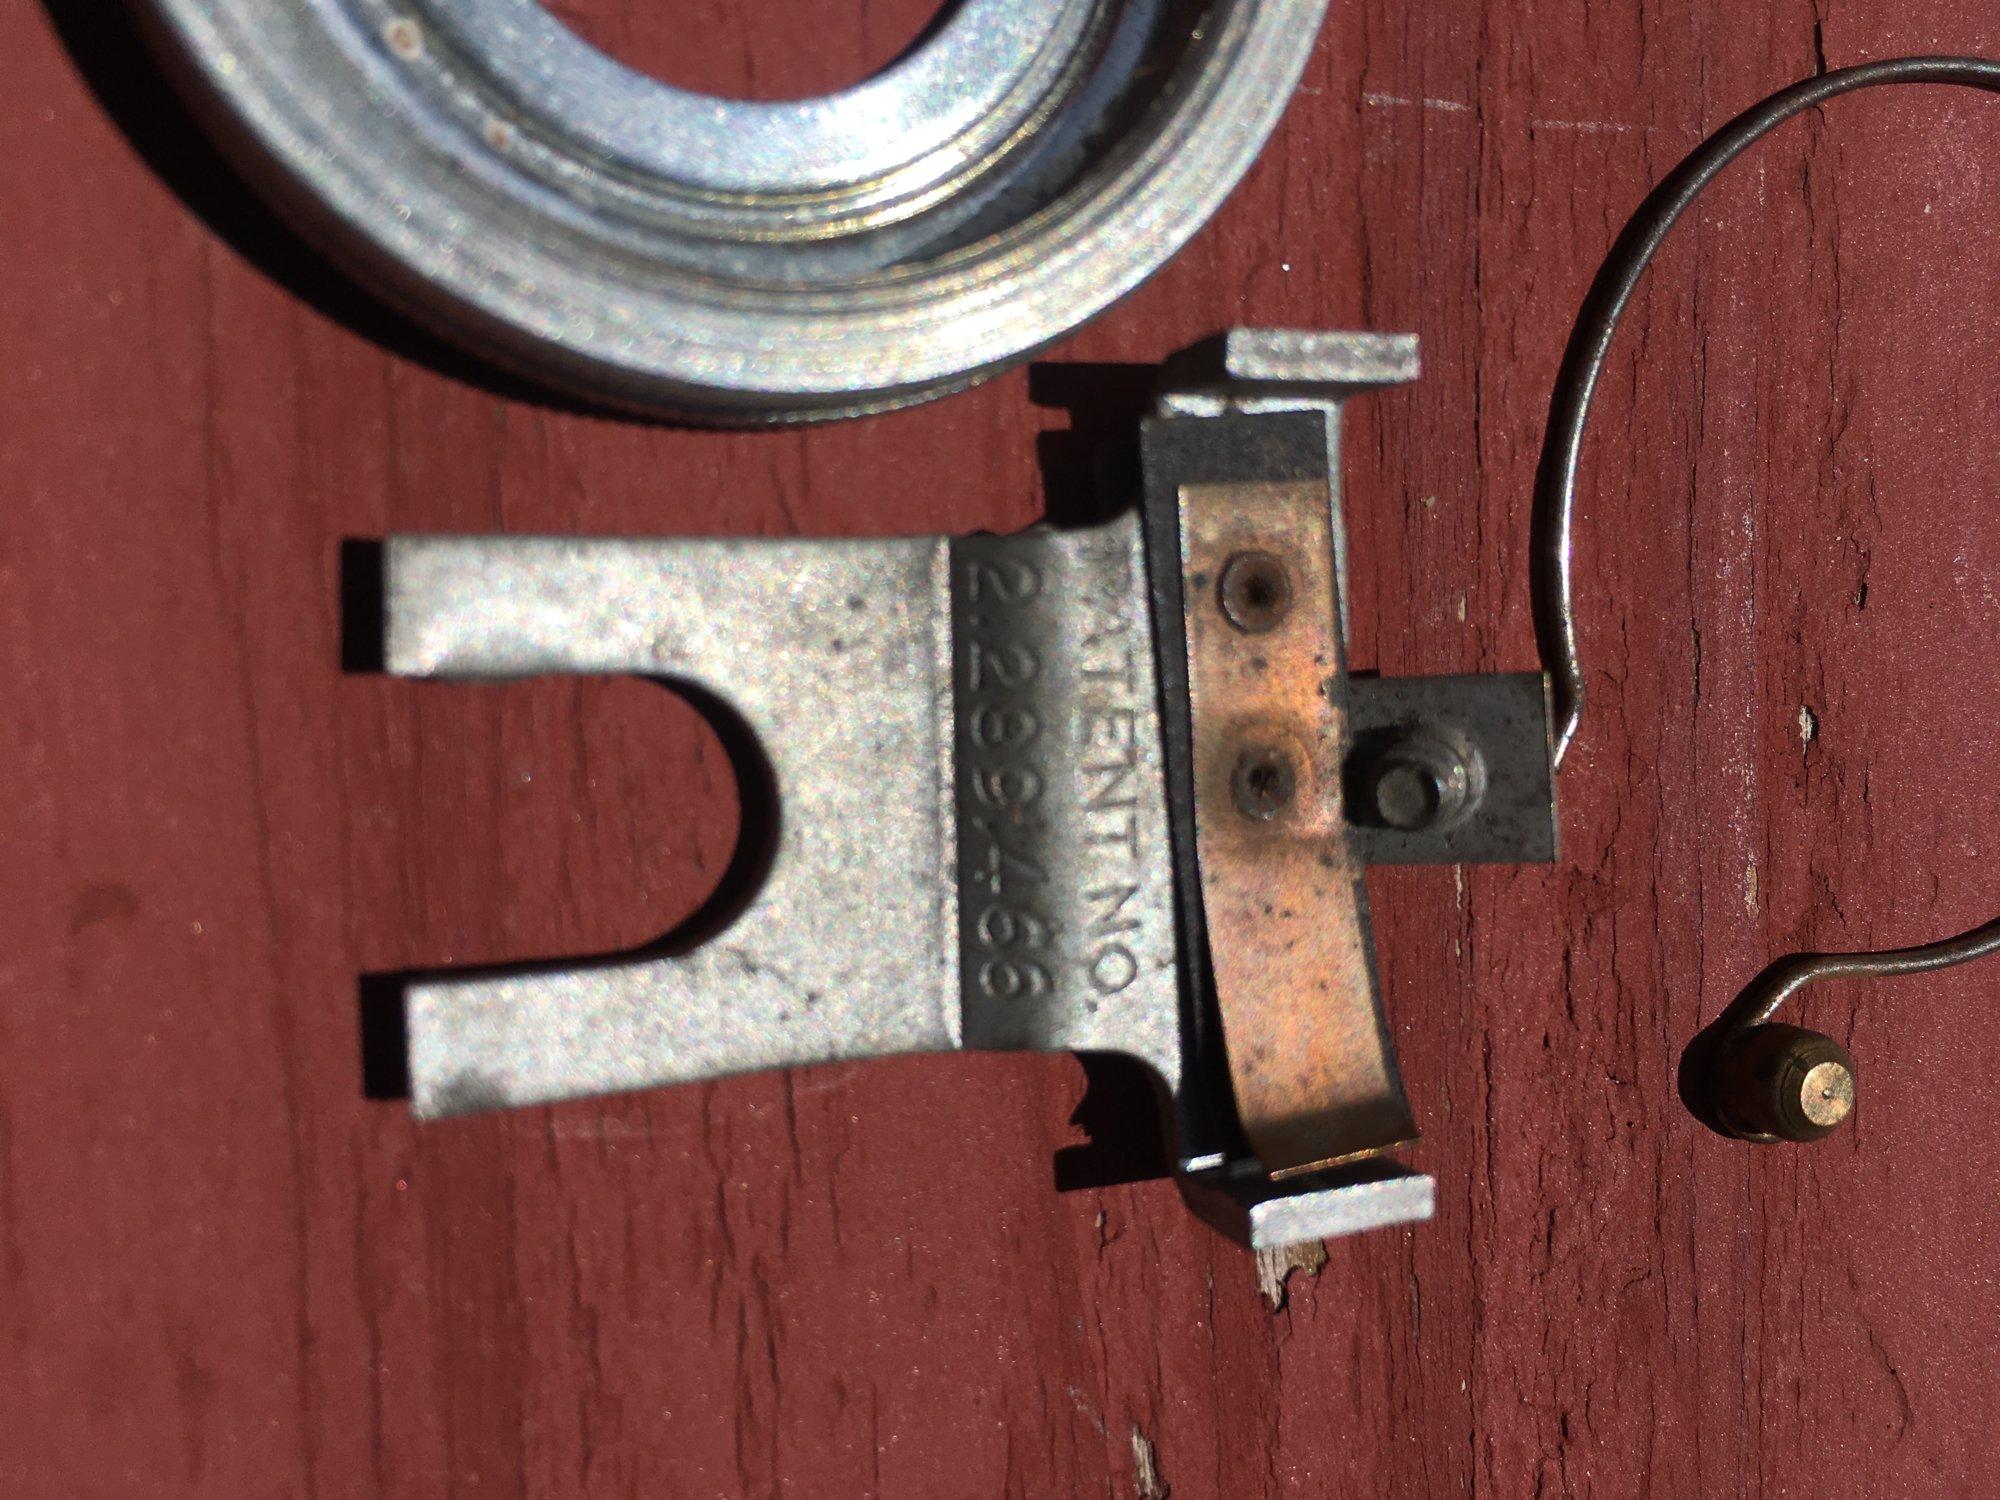 0242938E-2F39-4CA4-84BD-DDC316BEED39.jpeg